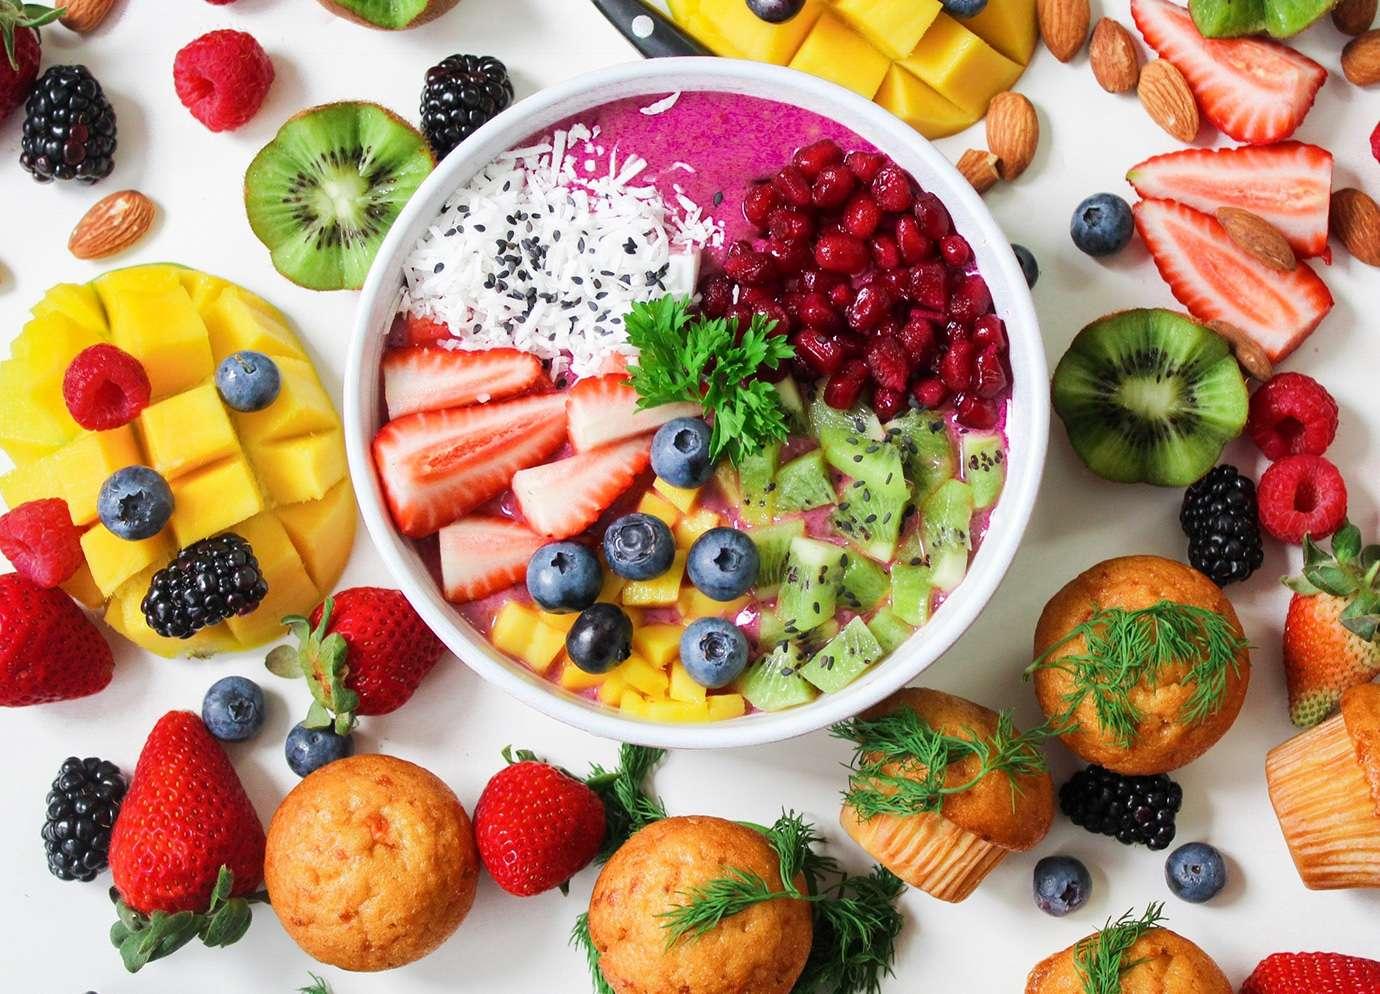 14 astuces pour manger plus sainement